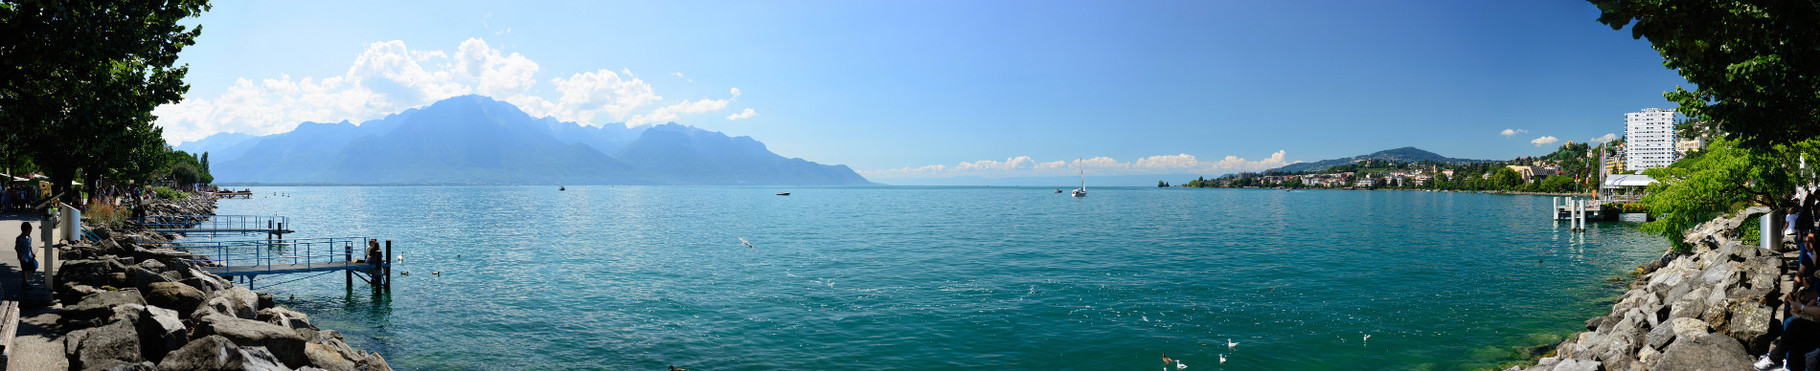 Au bord du Lac Léman, Montreux. 180°, 13 photographies.